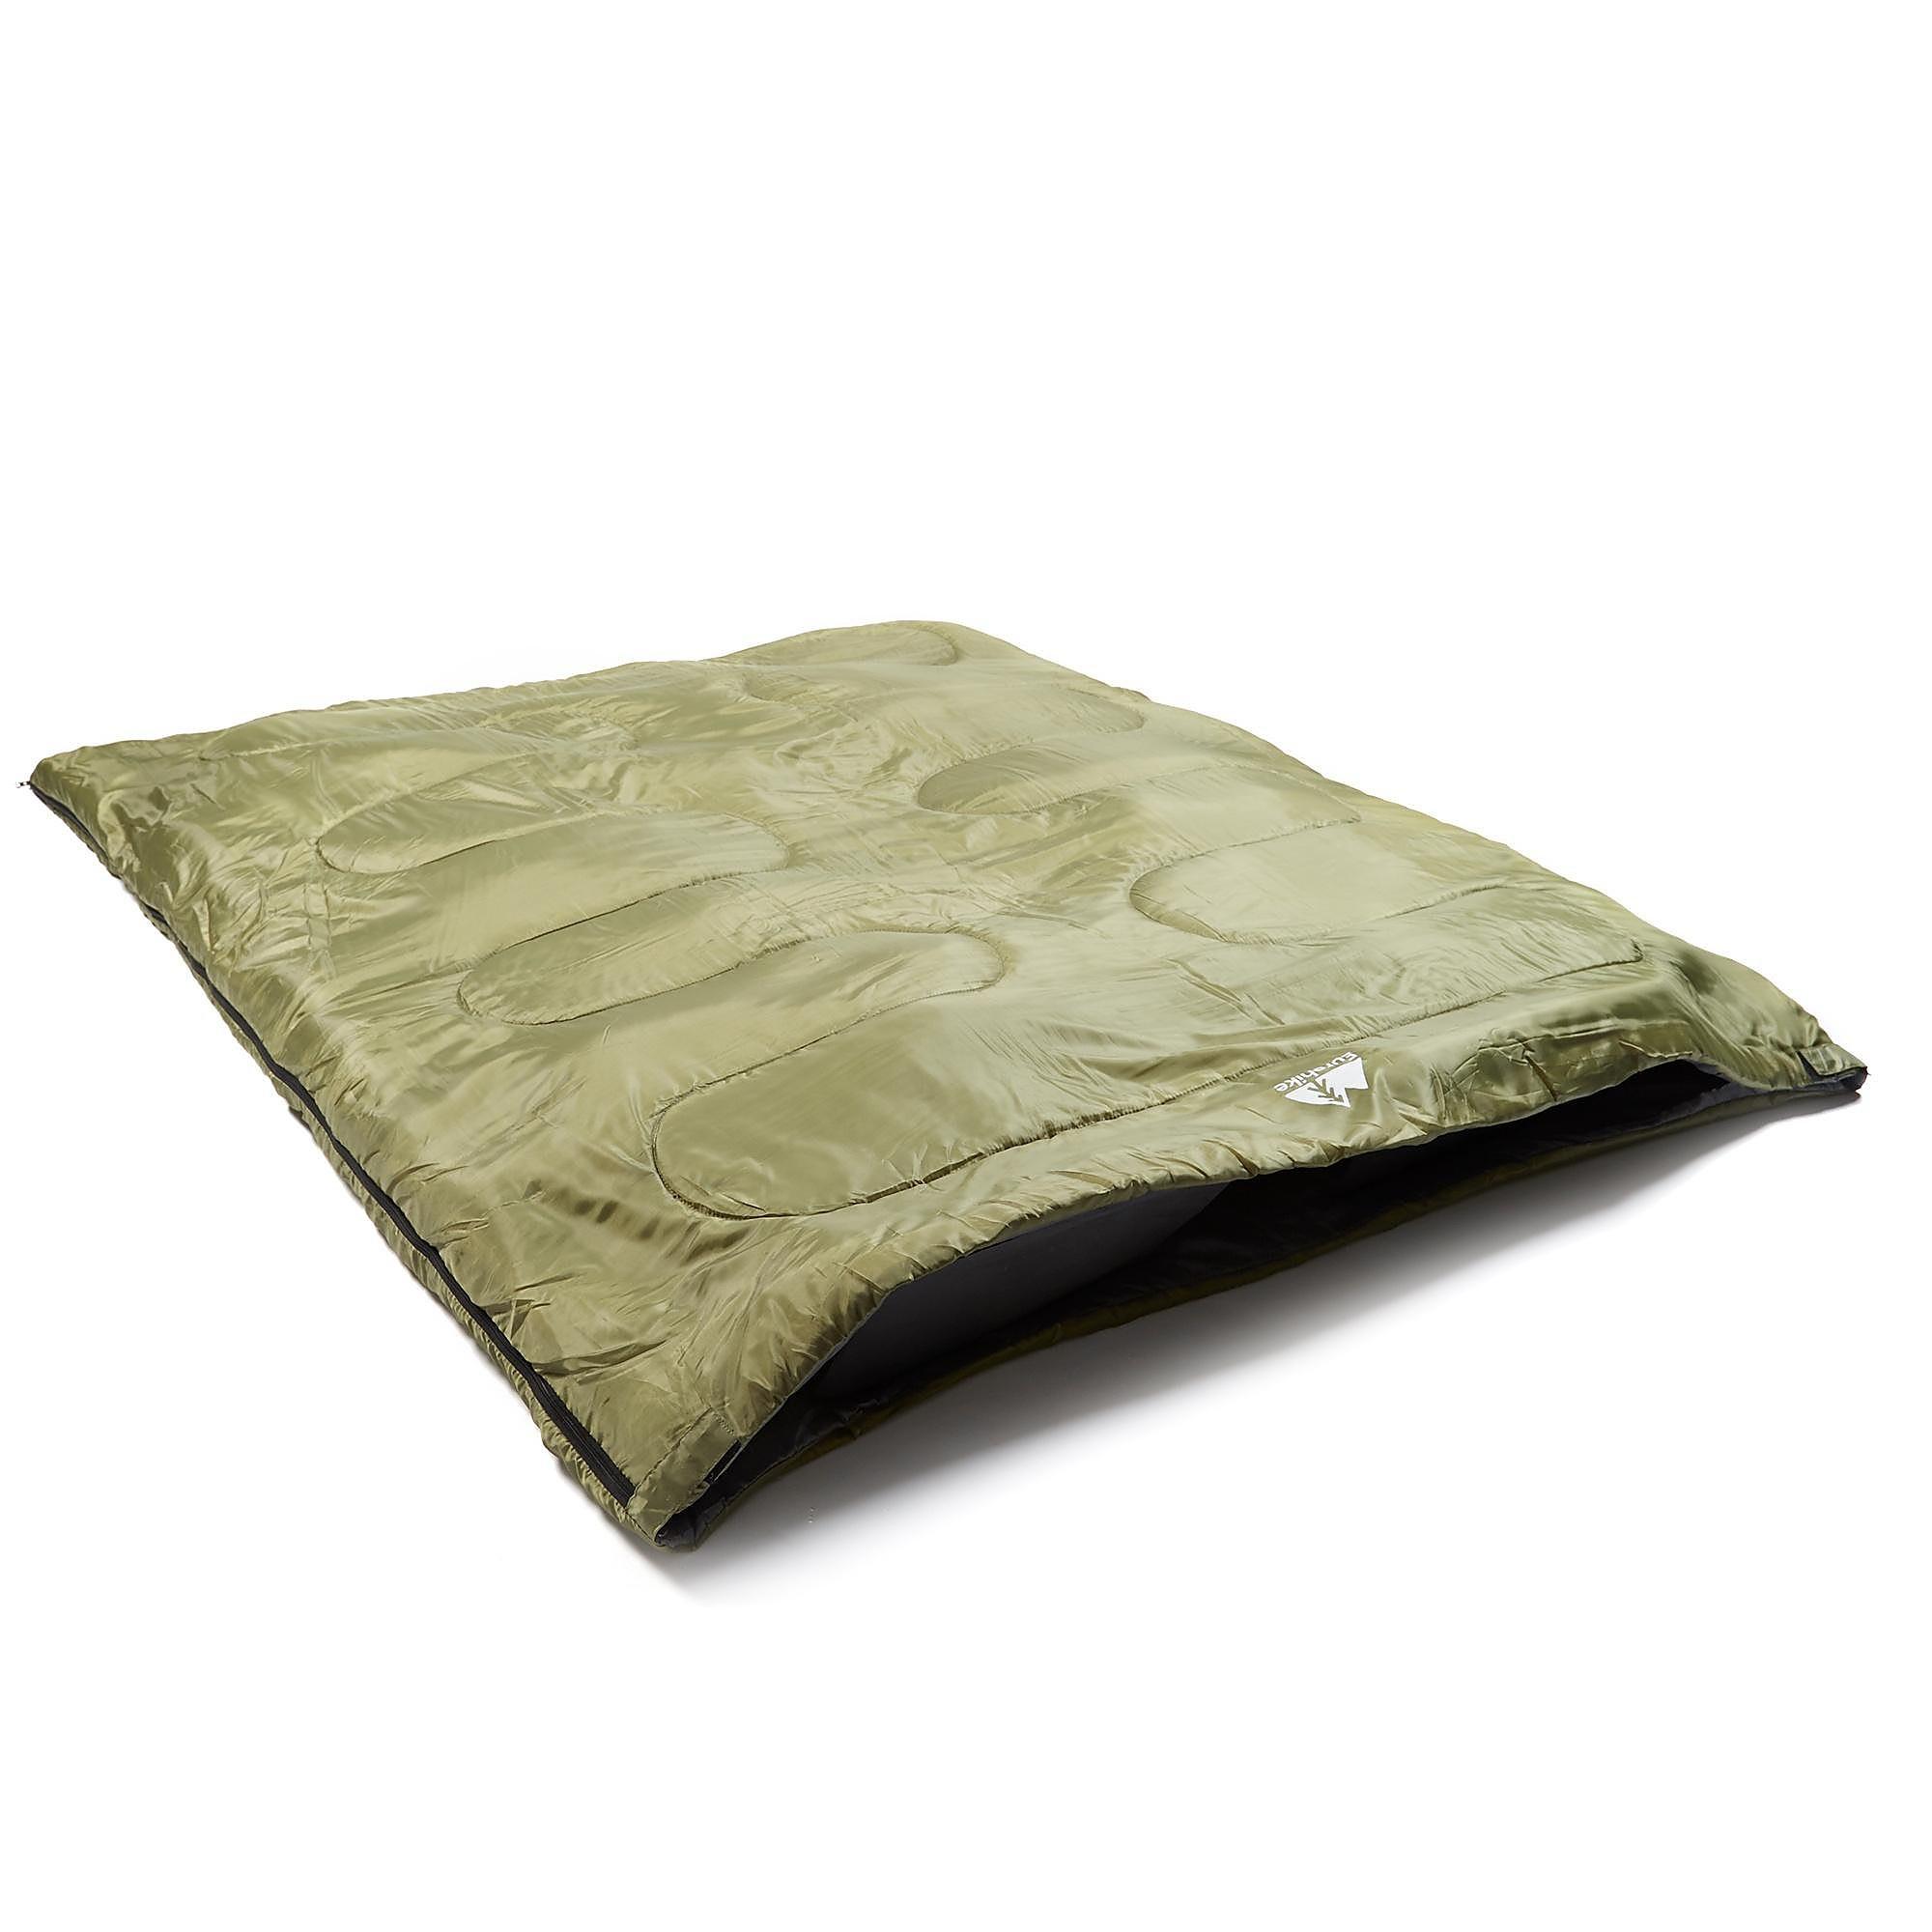 Eurohike Super Snooze Double Sleeping Bag - GRN/GRN, GRN/GRN